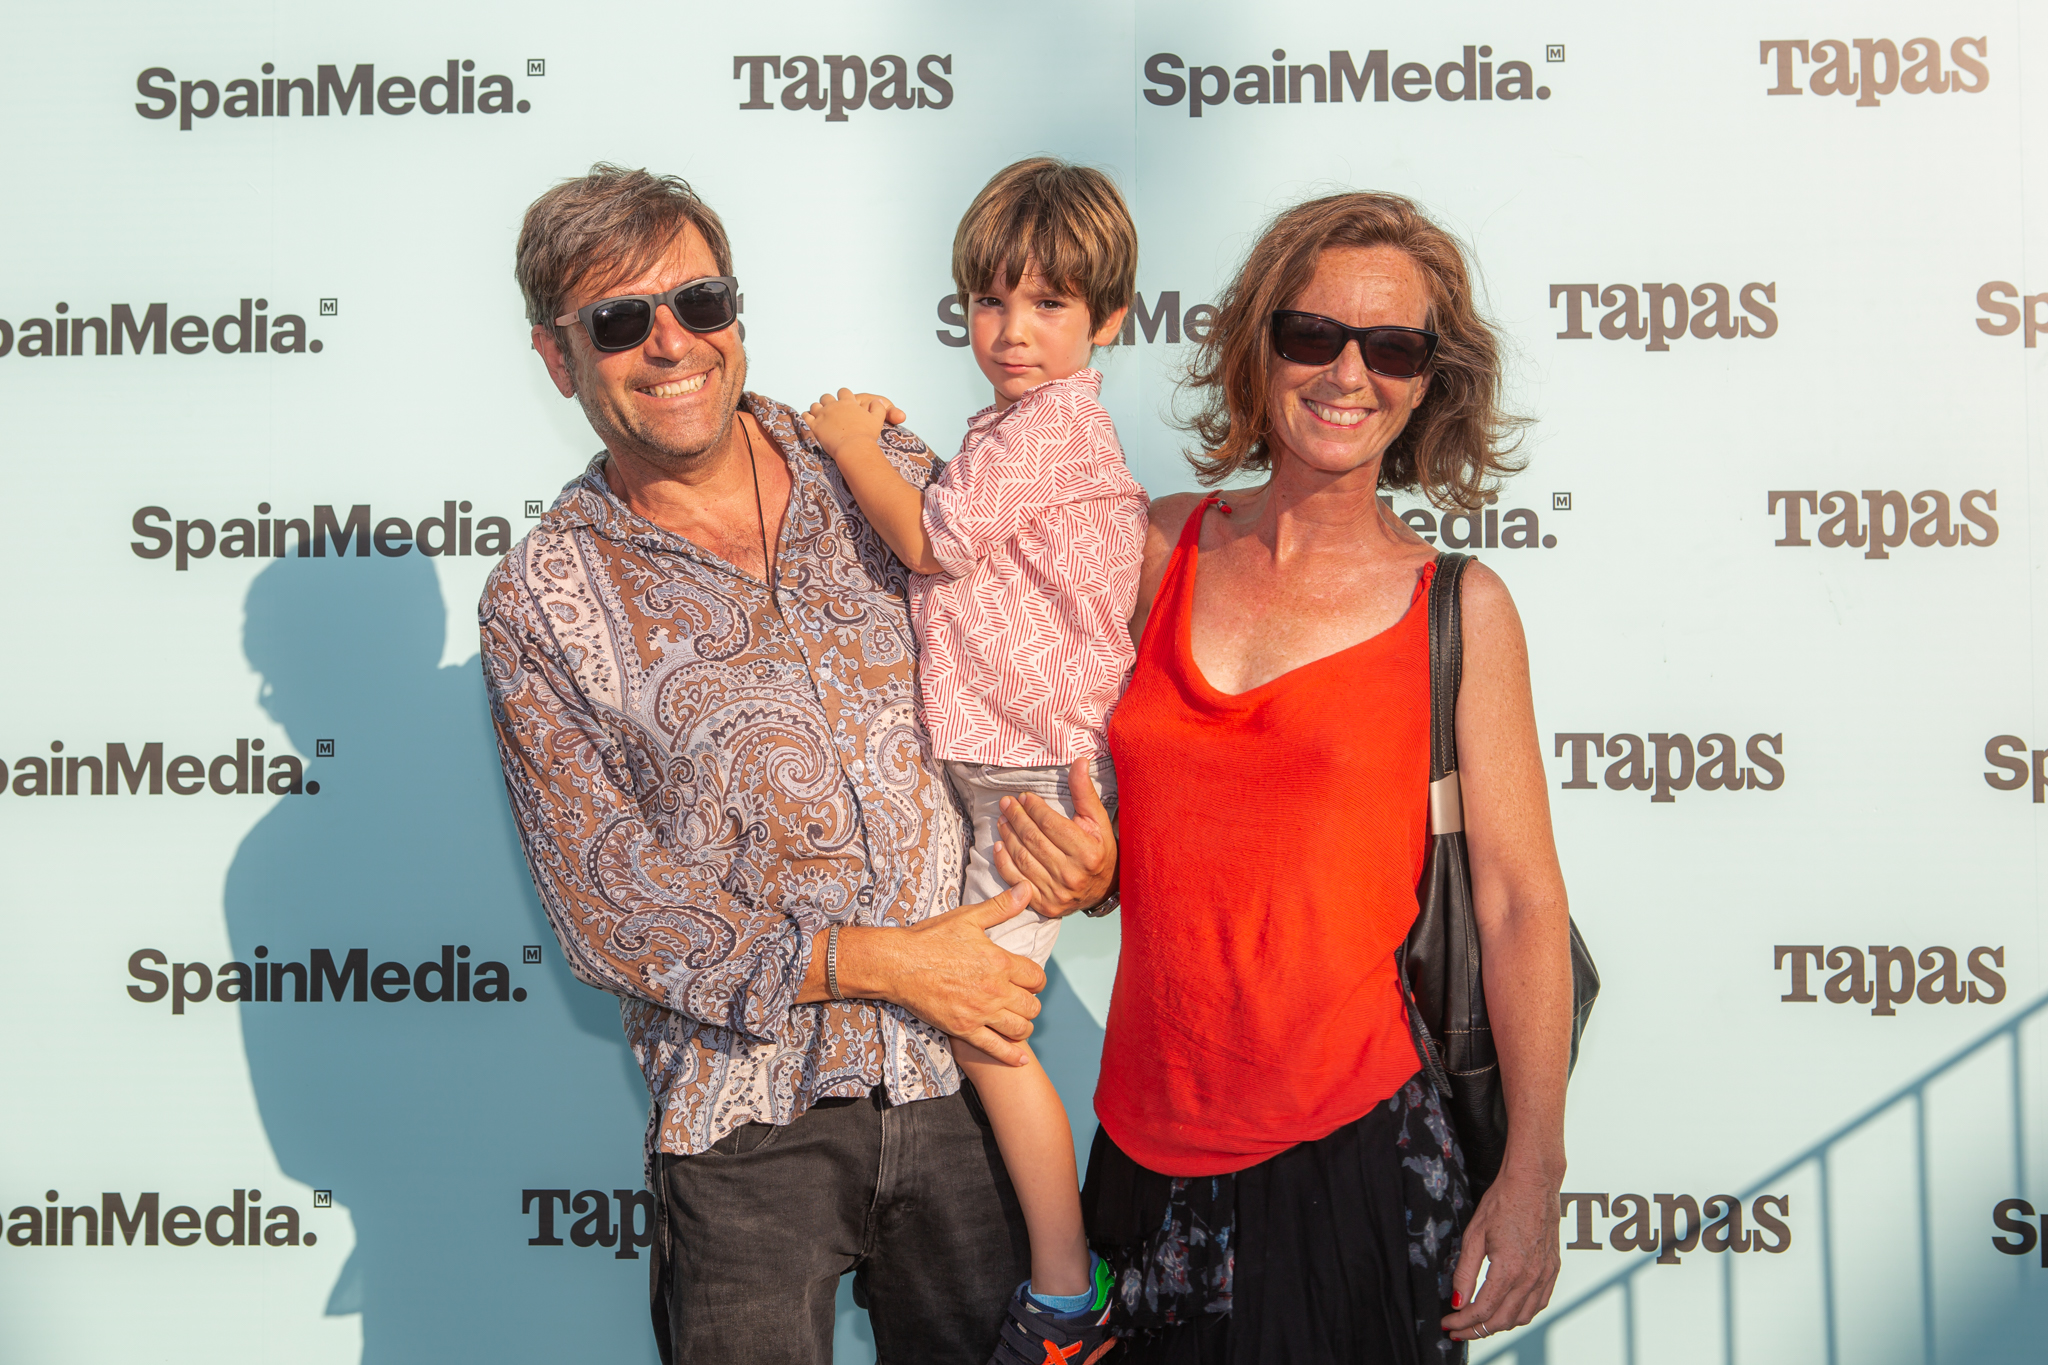 Ignasi Capdet y Veronica Recalde de Cloud9 Ibiza